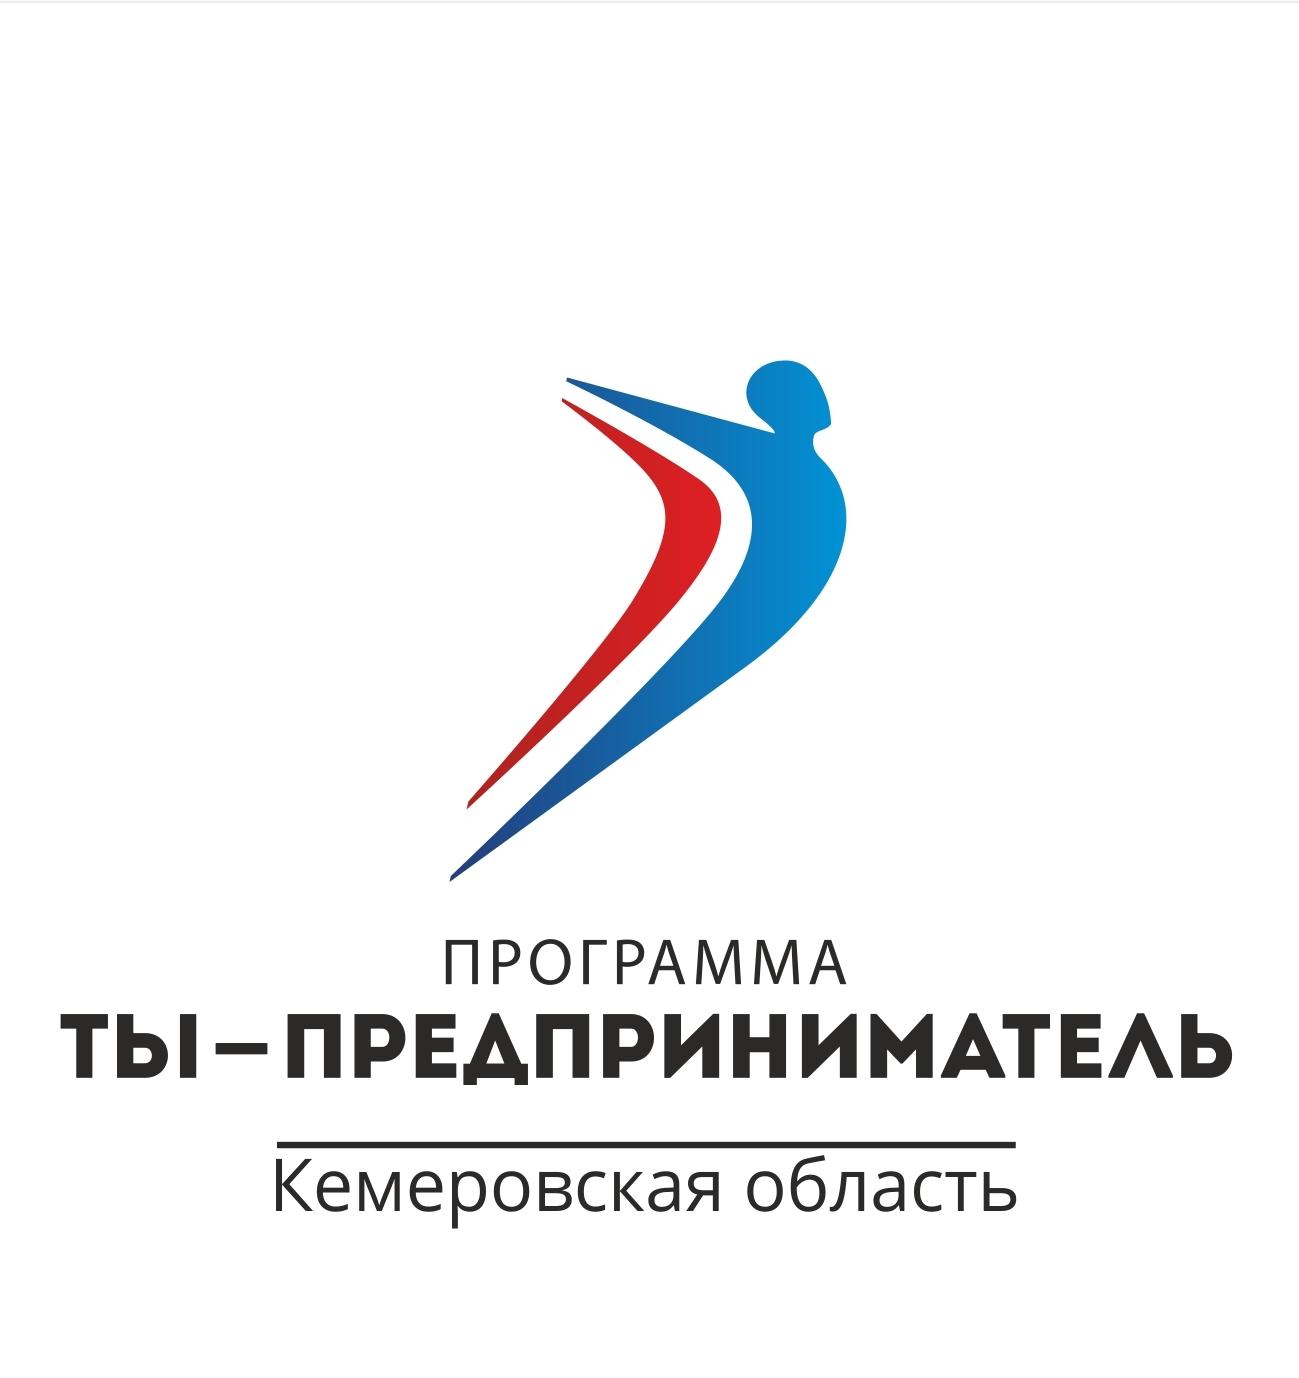 Руководителям Ты-предприниматель. Логотип